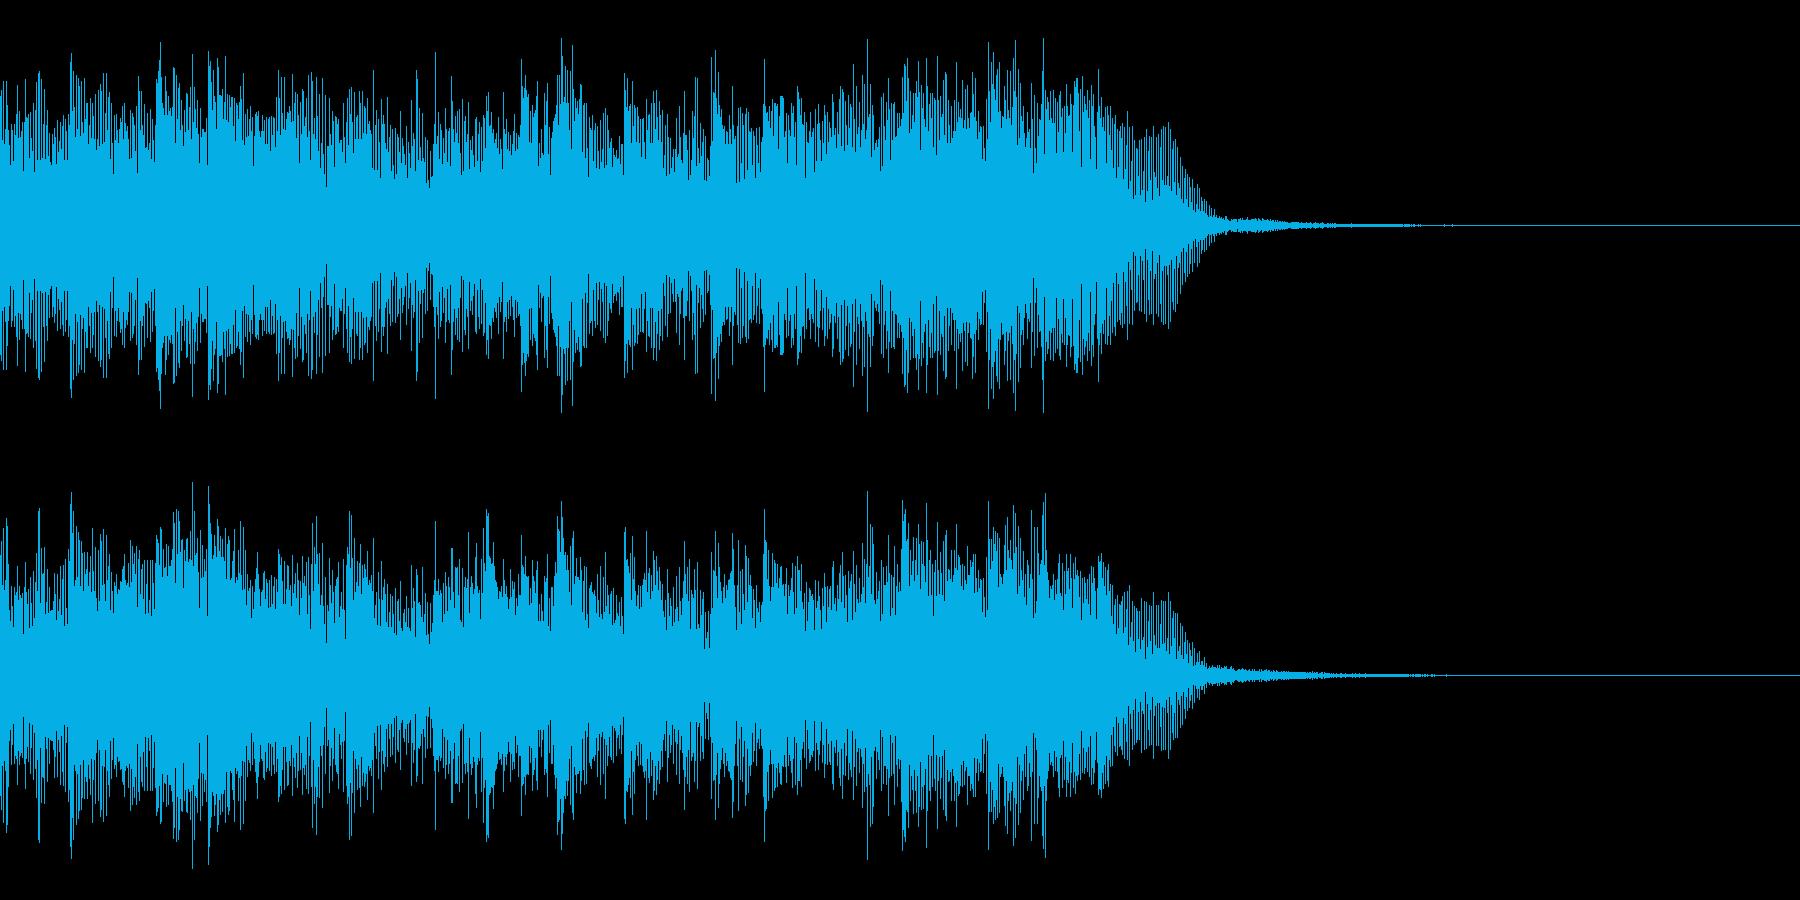 近未来的なシンセリードのEDM の再生済みの波形